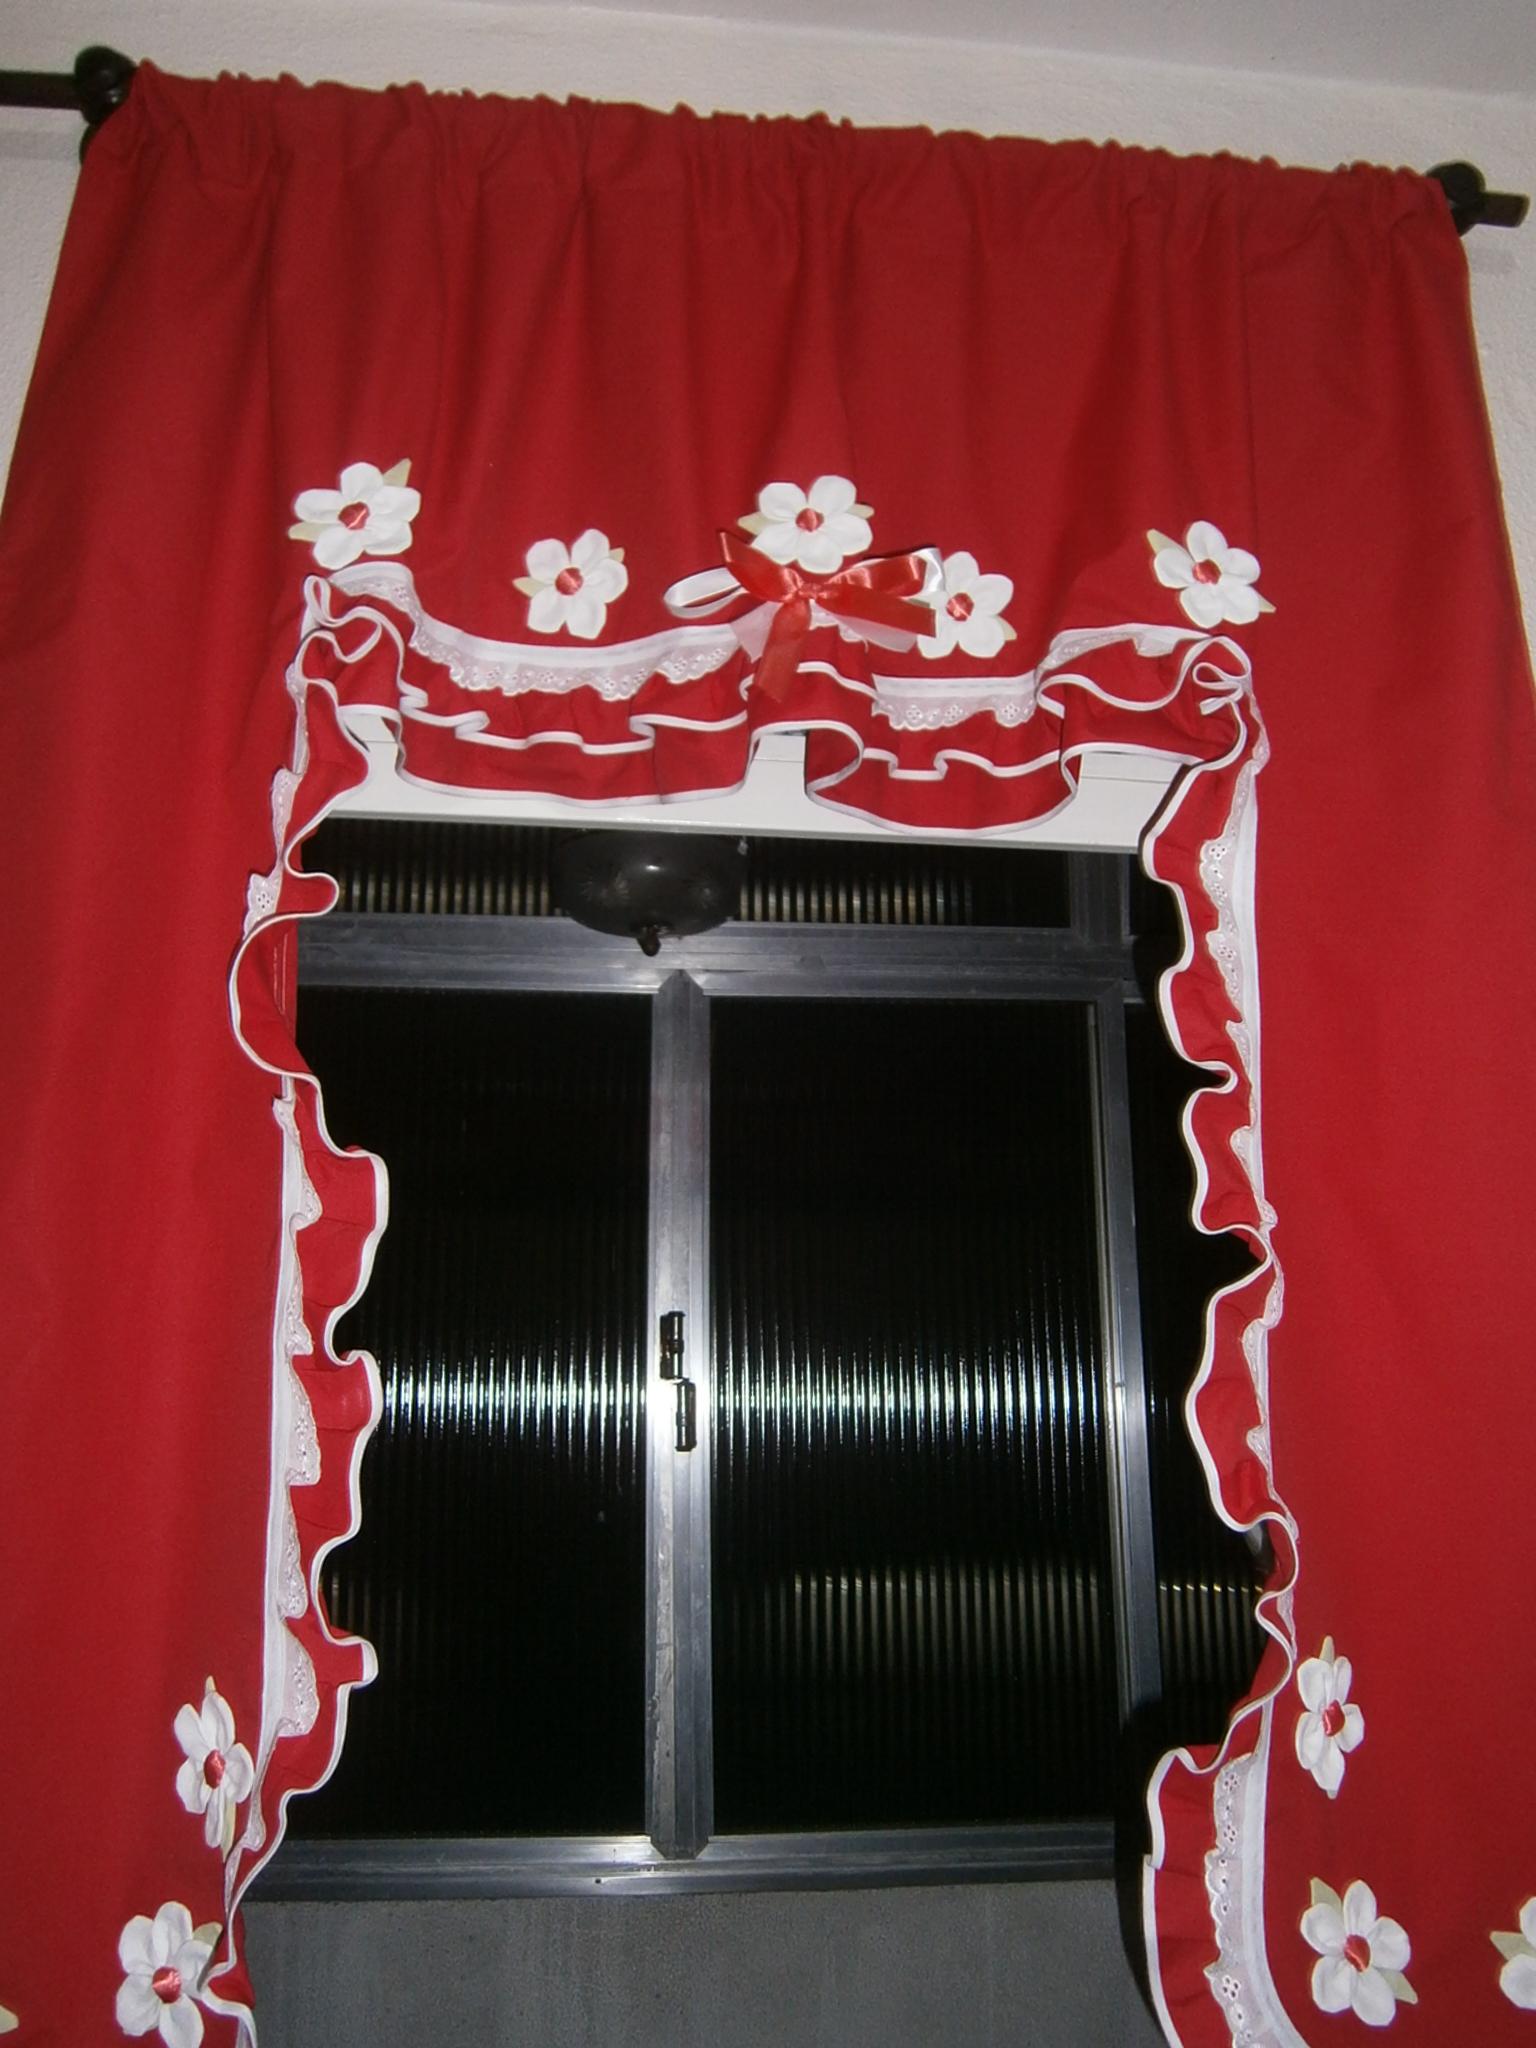 Cortina vermelha com branco boutique d arts francine colovini elo7 - Cortina boutique ...